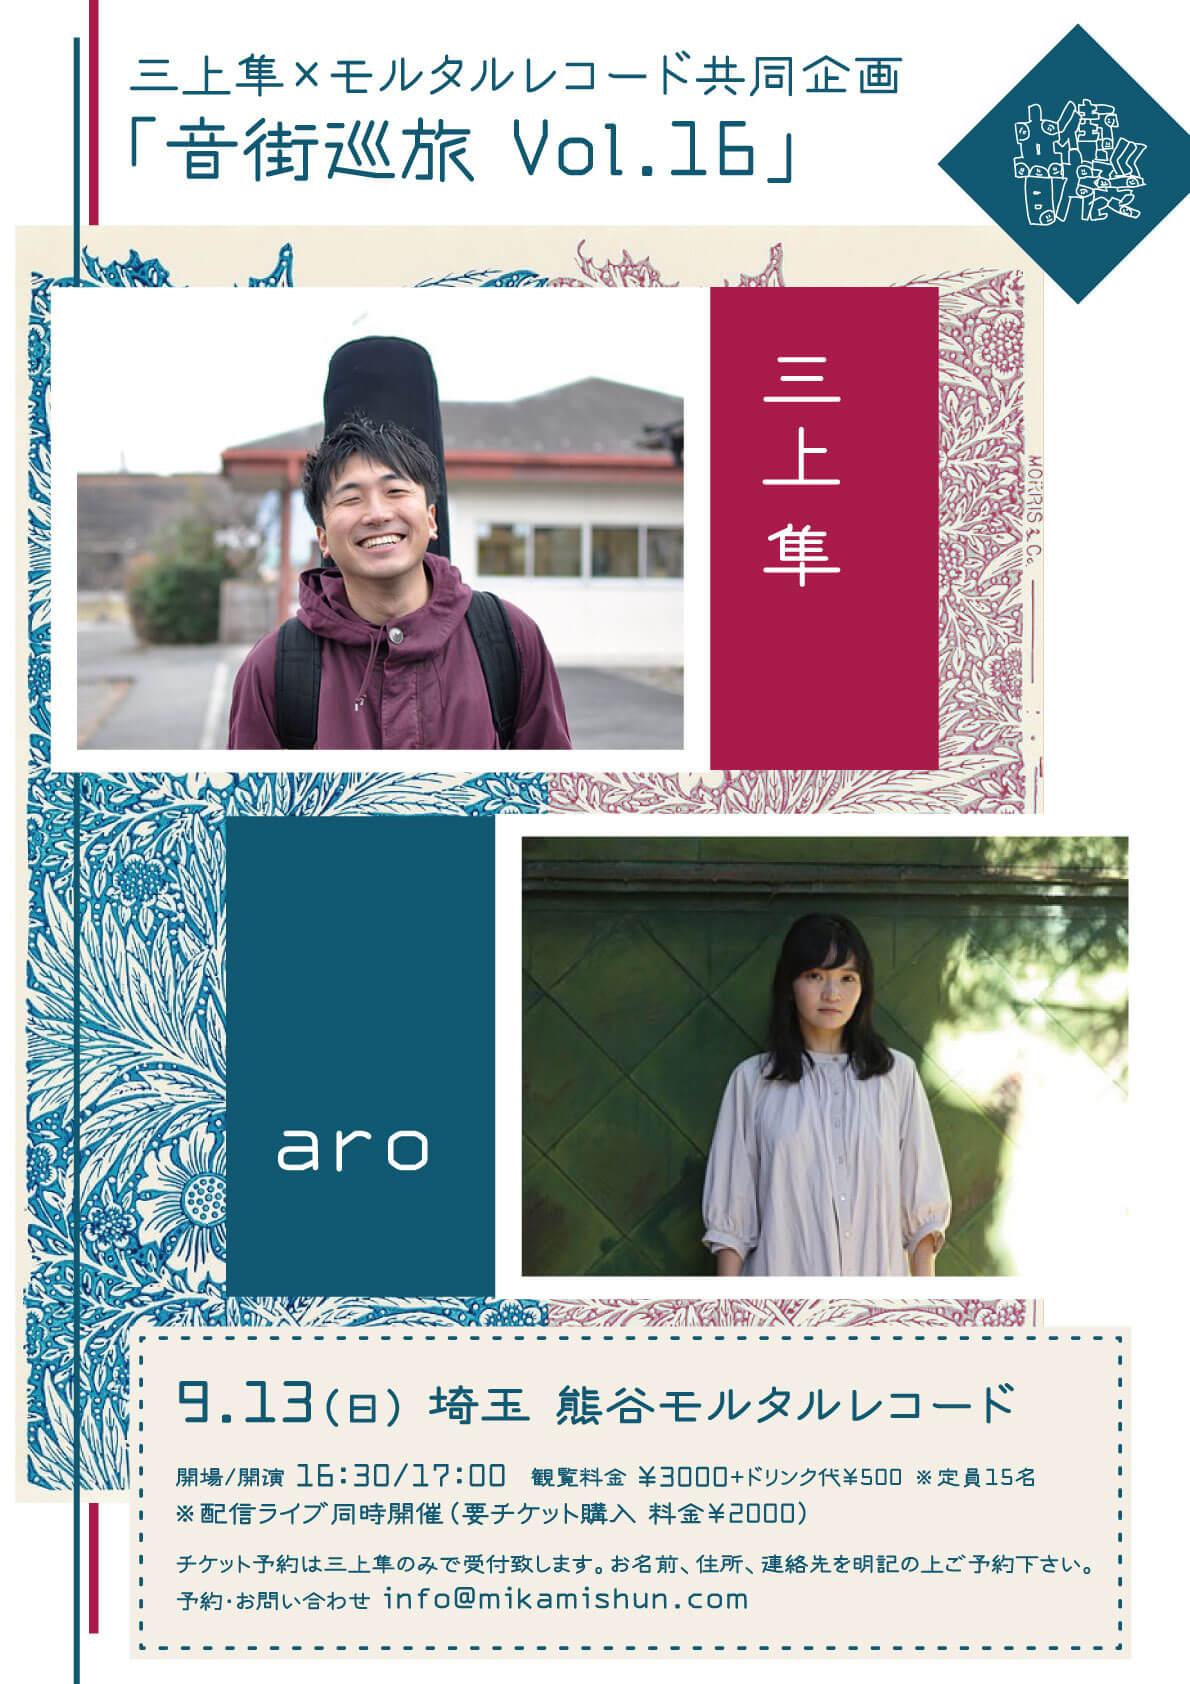 三上隼×モルタルレコード共同企画 「音街巡旅 Vol.16」